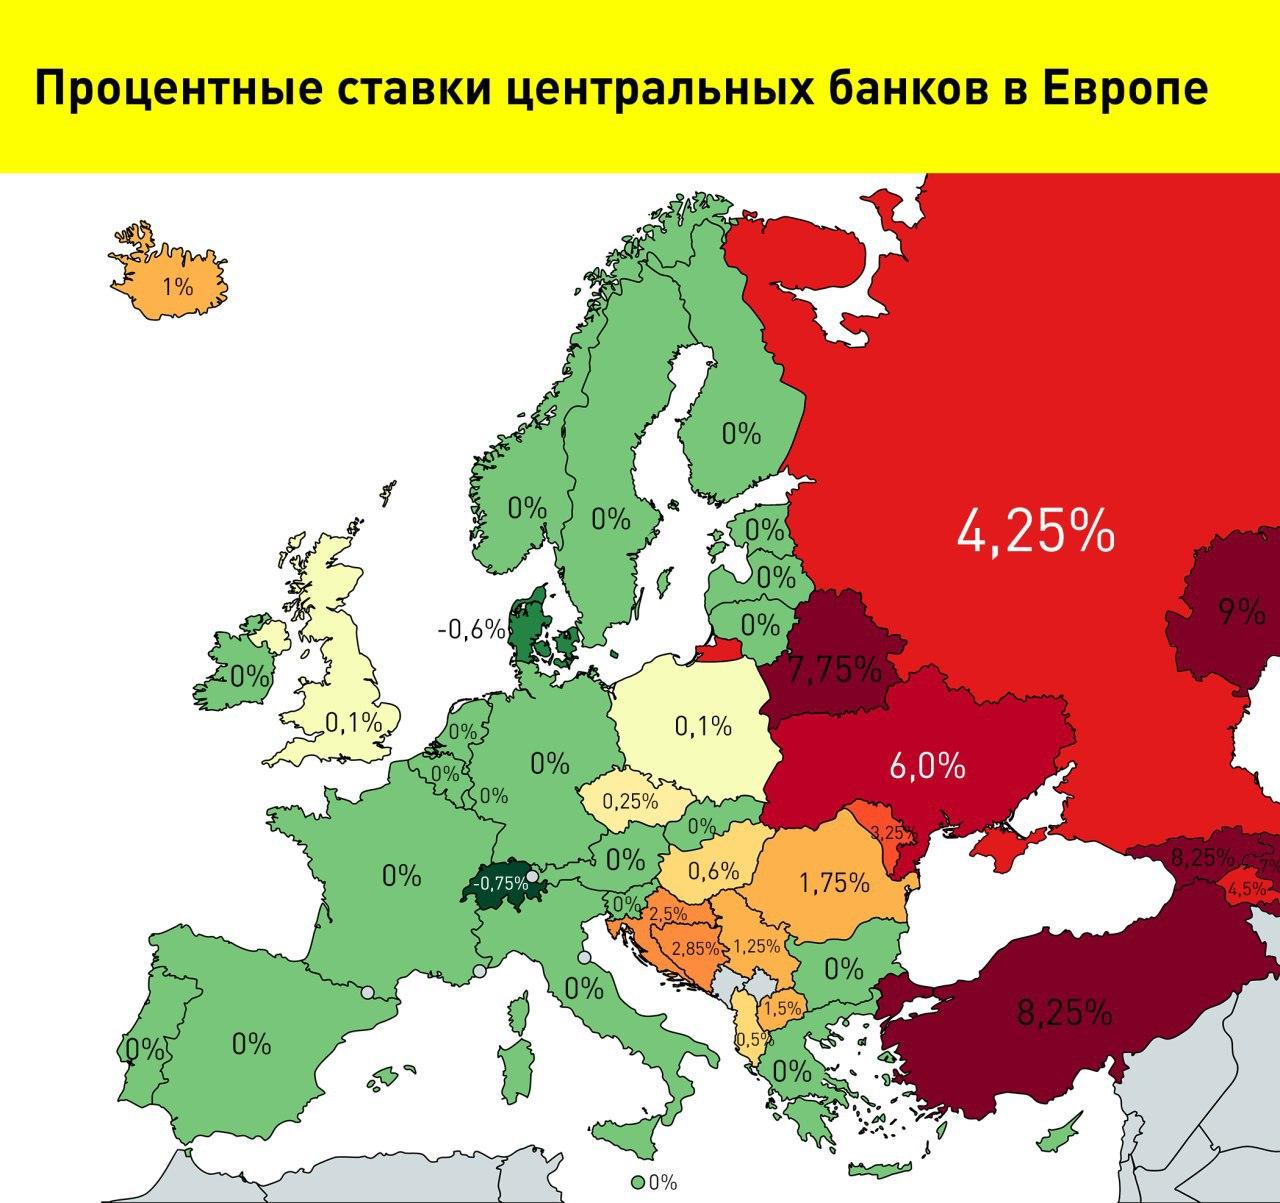 Процентные ставки центральных банков в Европе